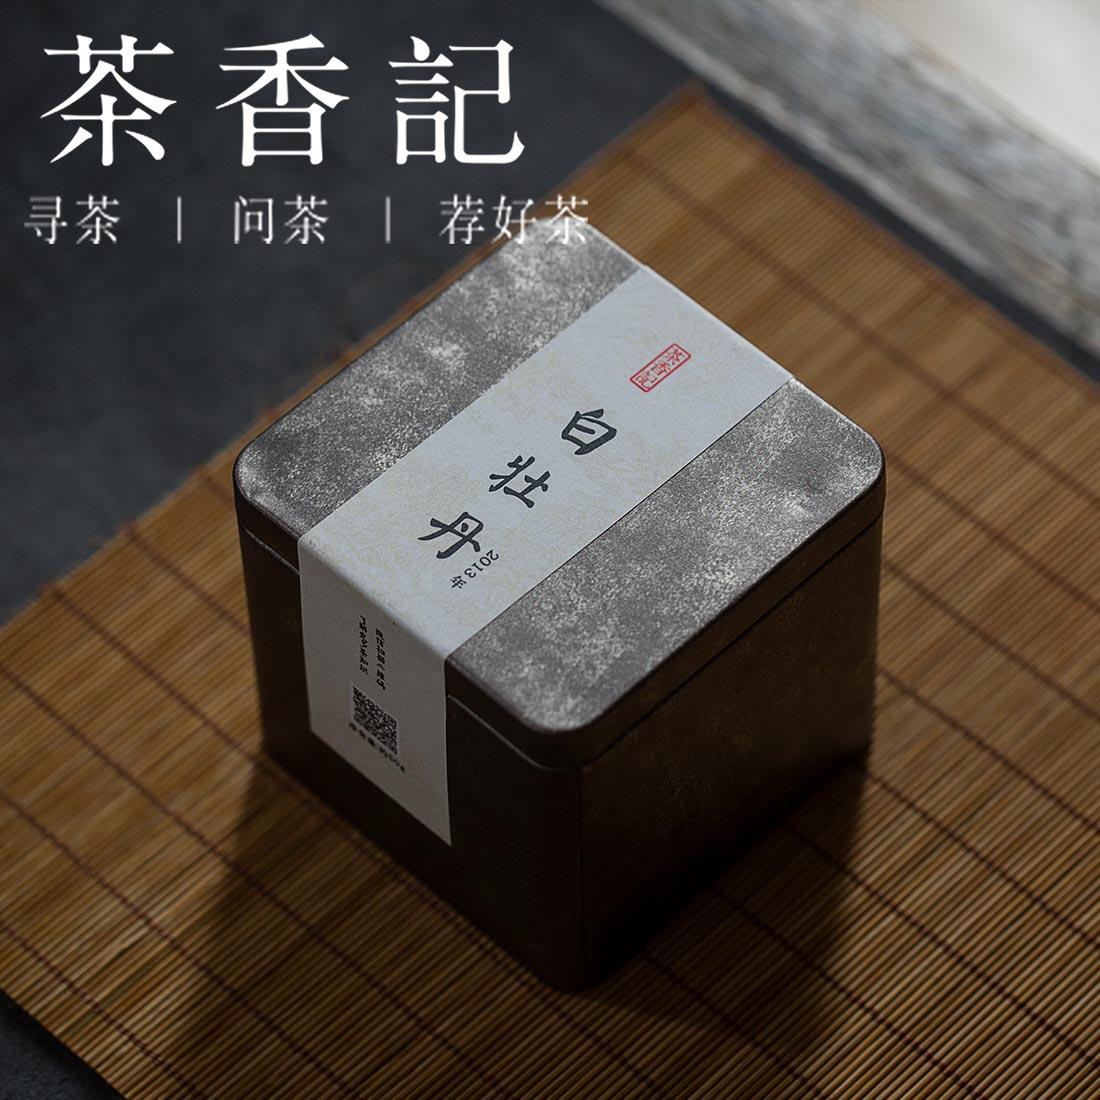 茶香记 2013年白牡丹散茶 白茶